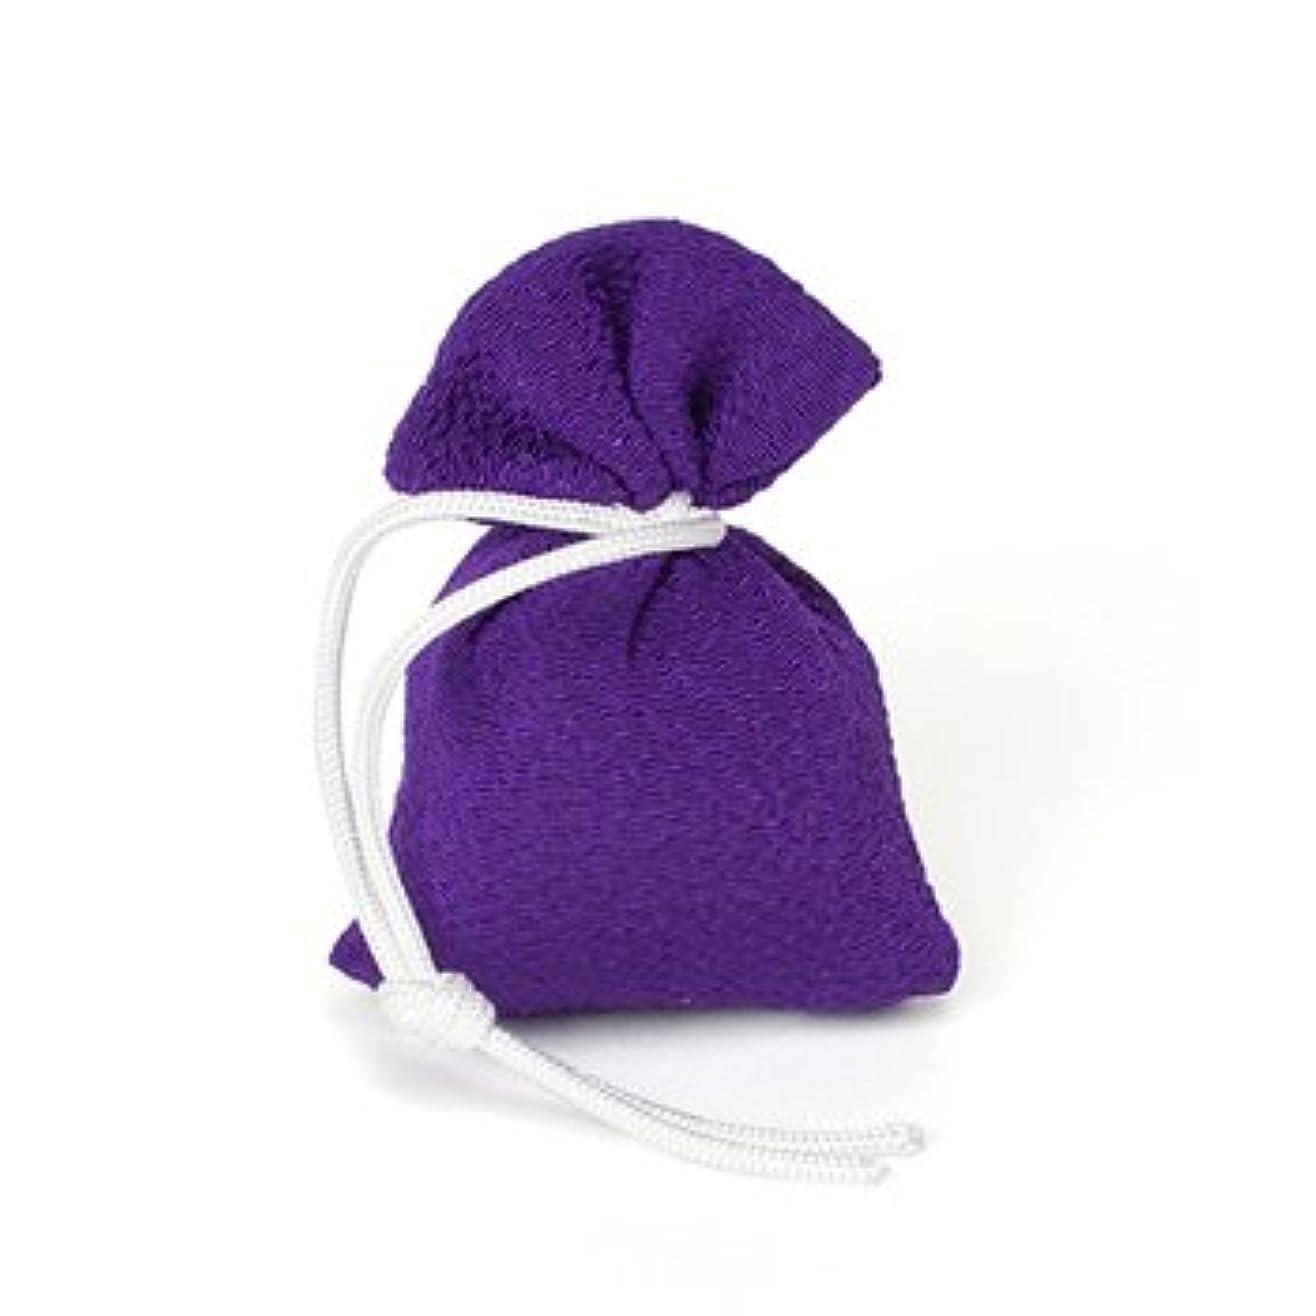 認証地質学軽く松栄堂 匂い袋 誰が袖 上品(無地) 1個入 (色をお選びください) (紫)